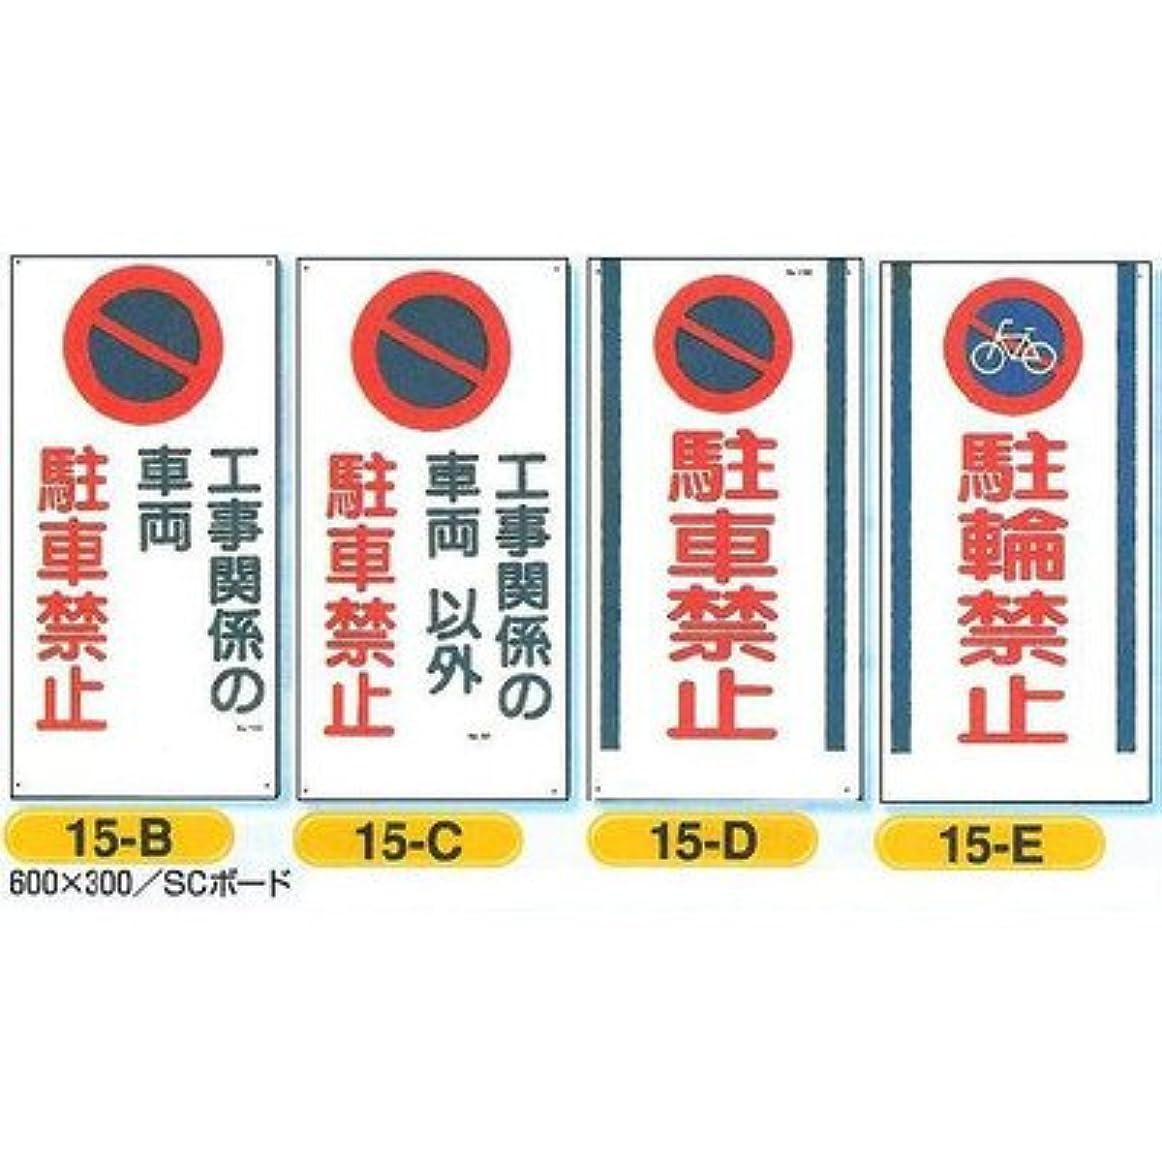 豊富トチの実の木コンピューター安全?サイン8 駐車禁止 駐輪禁止 SCボード 600×300 標識種類:15-B